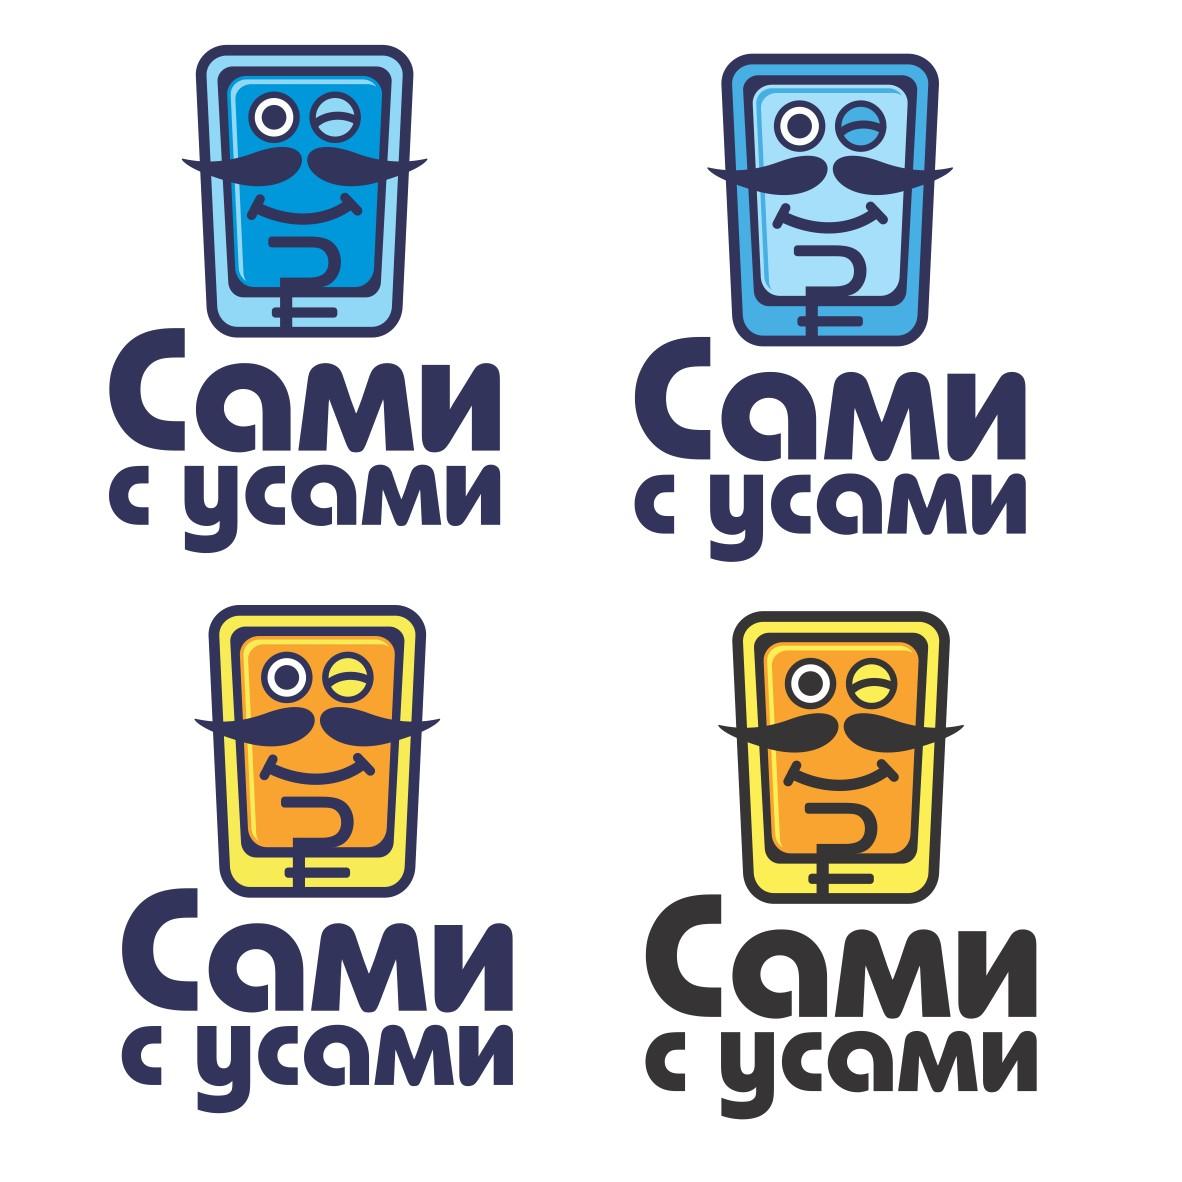 Разработка Логотипа 6 000 руб. фото f_58258f76e3f1aea7.jpg